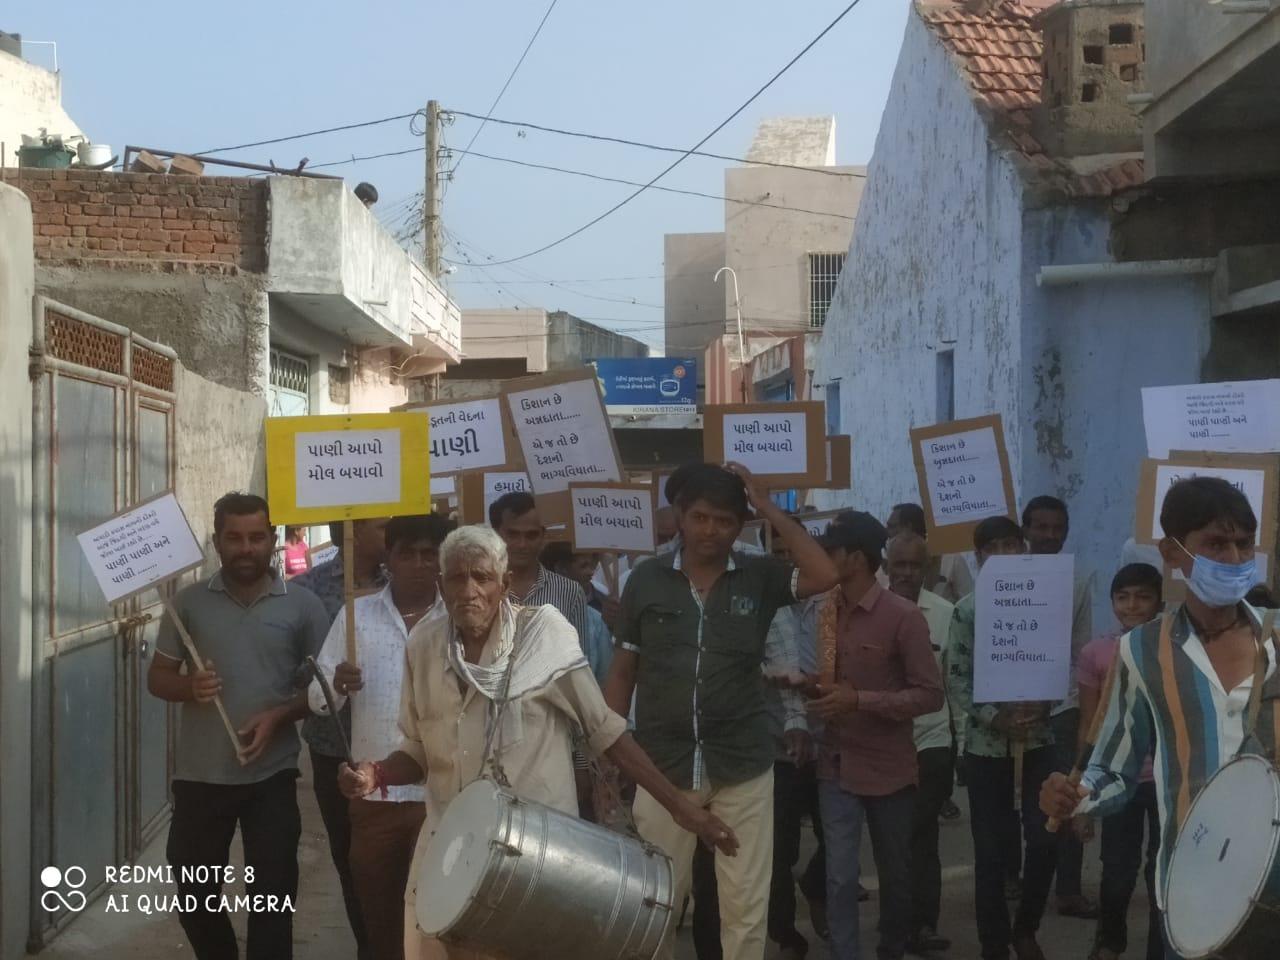 મોરબી માળીયાના ખેડૂતોએ સિંચાઈ પ્રશ્ને મહારેલી કાઢી પાણી માટે ઉગ્ર આંદોલન સાથે હલ્લાબોલ કર્યો - Divya Bhaskar